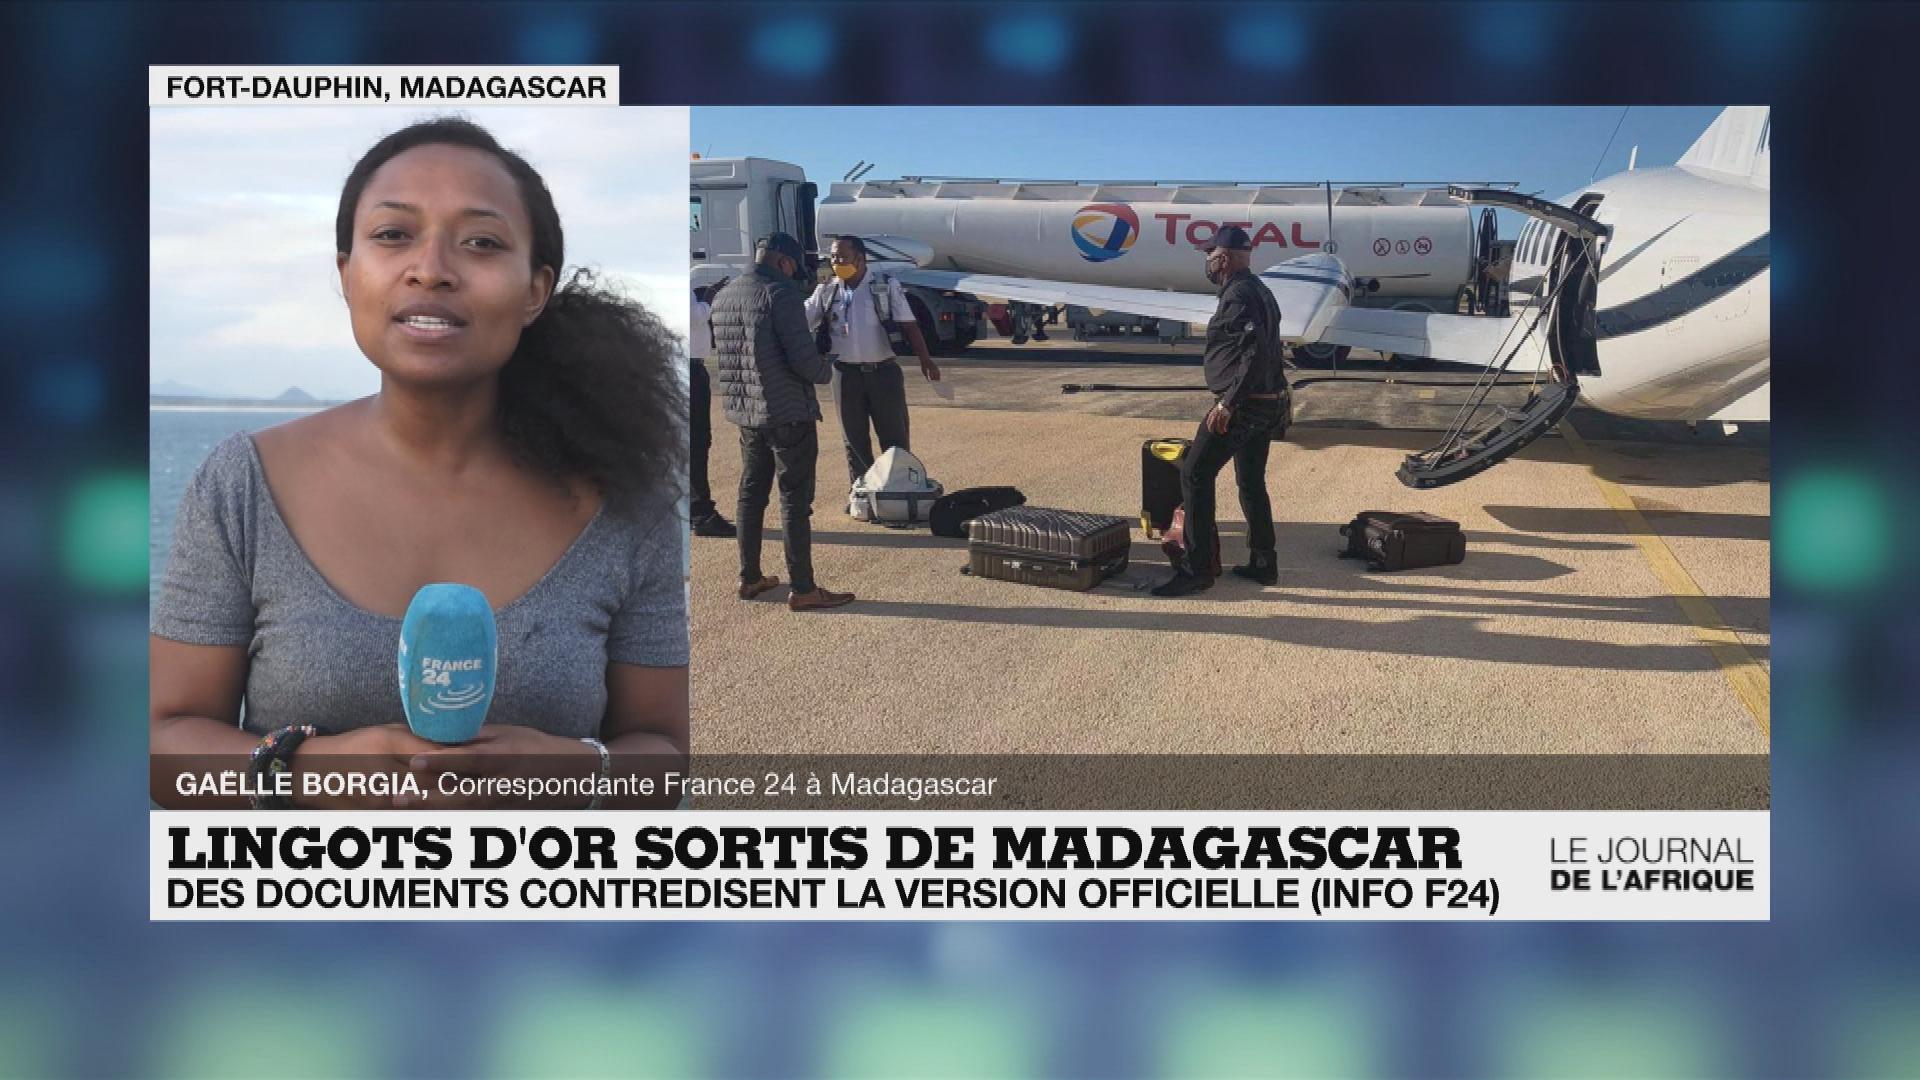 Affaire des lingots d'or à Madagascar : les documents de France 24 contredisent la version officielle